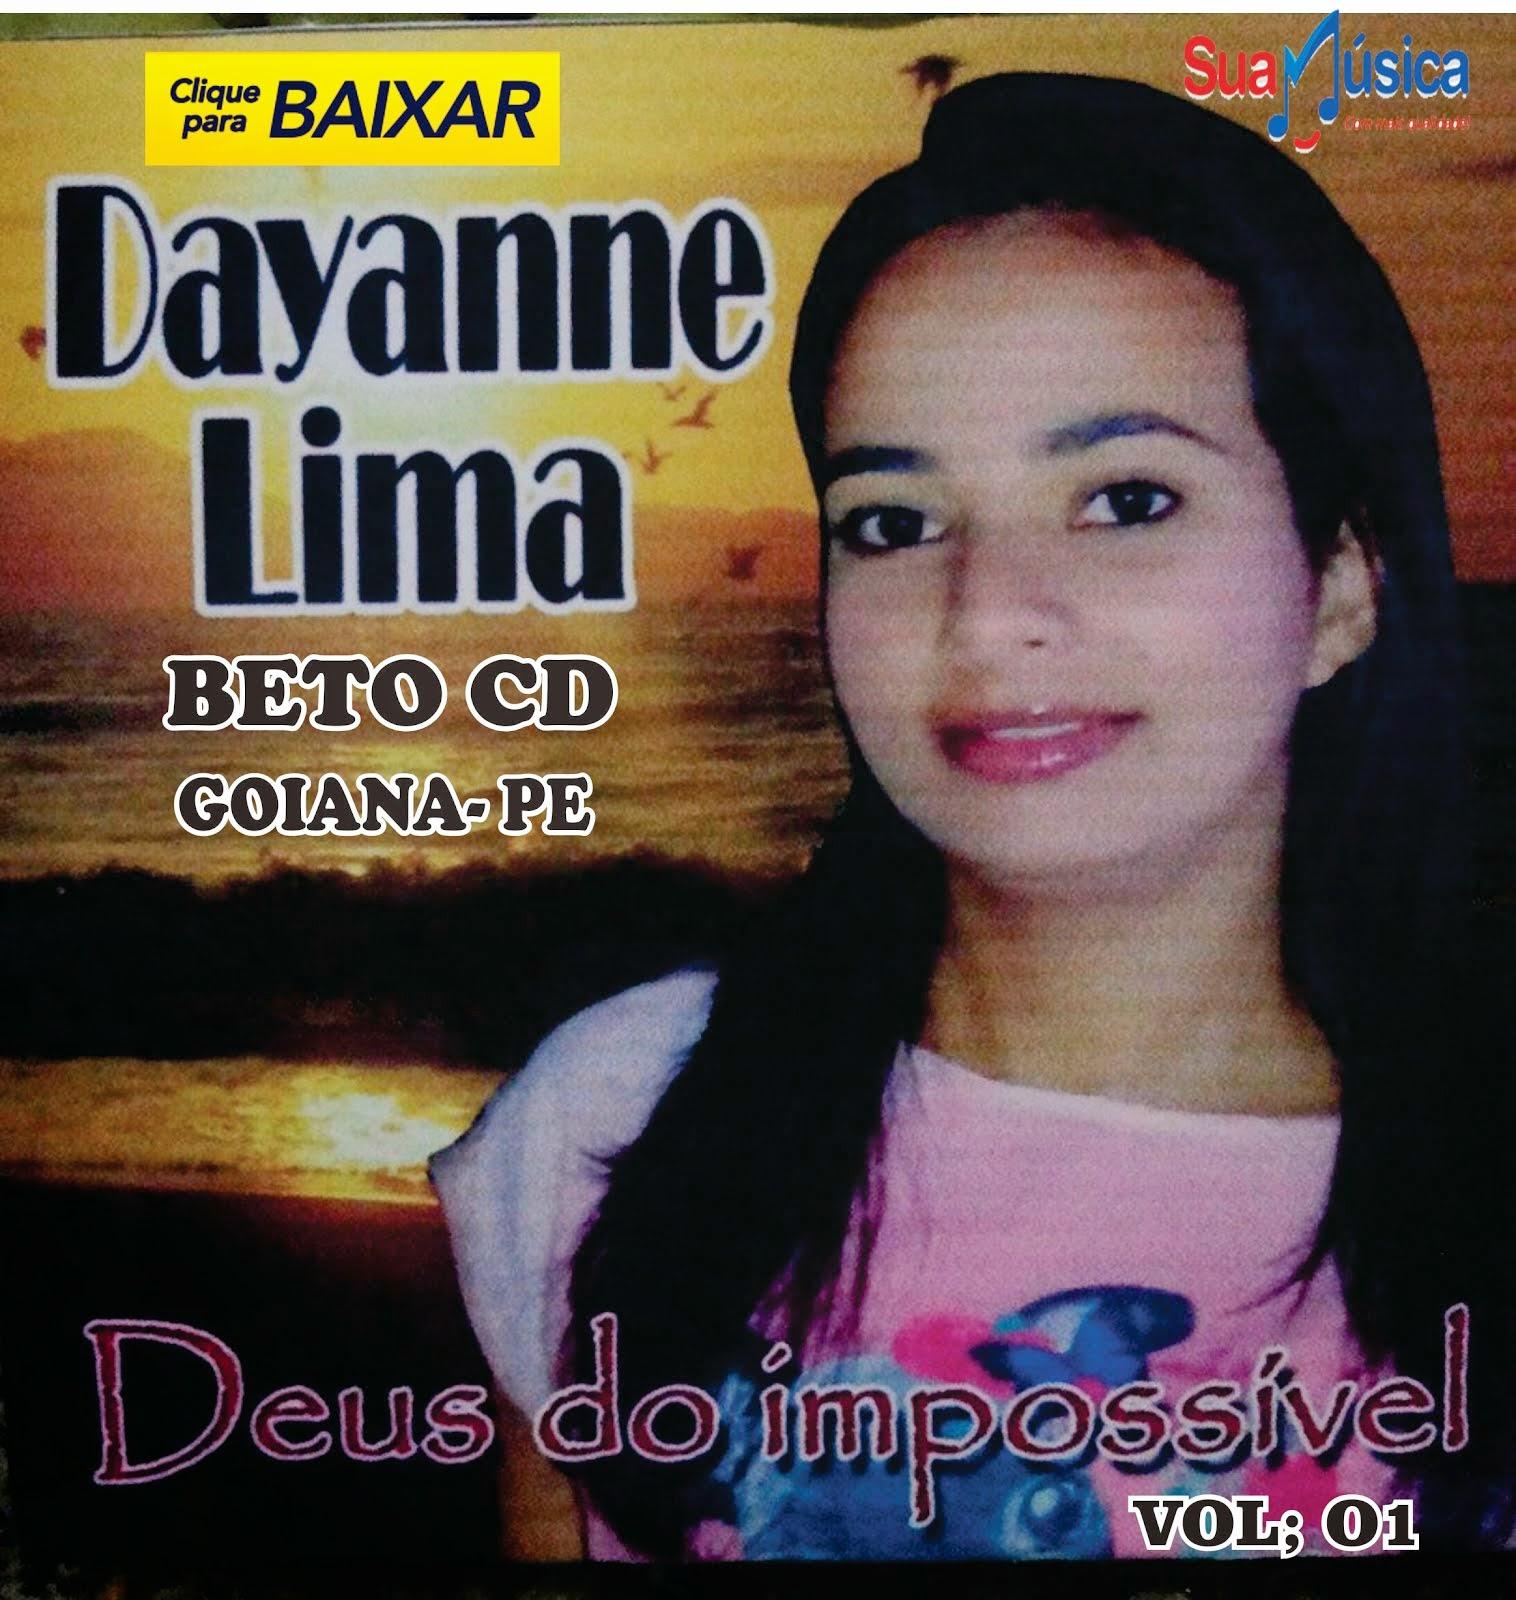 LANÇAMENTO NOVO CD DA CANTORA DAYANNE LIMA